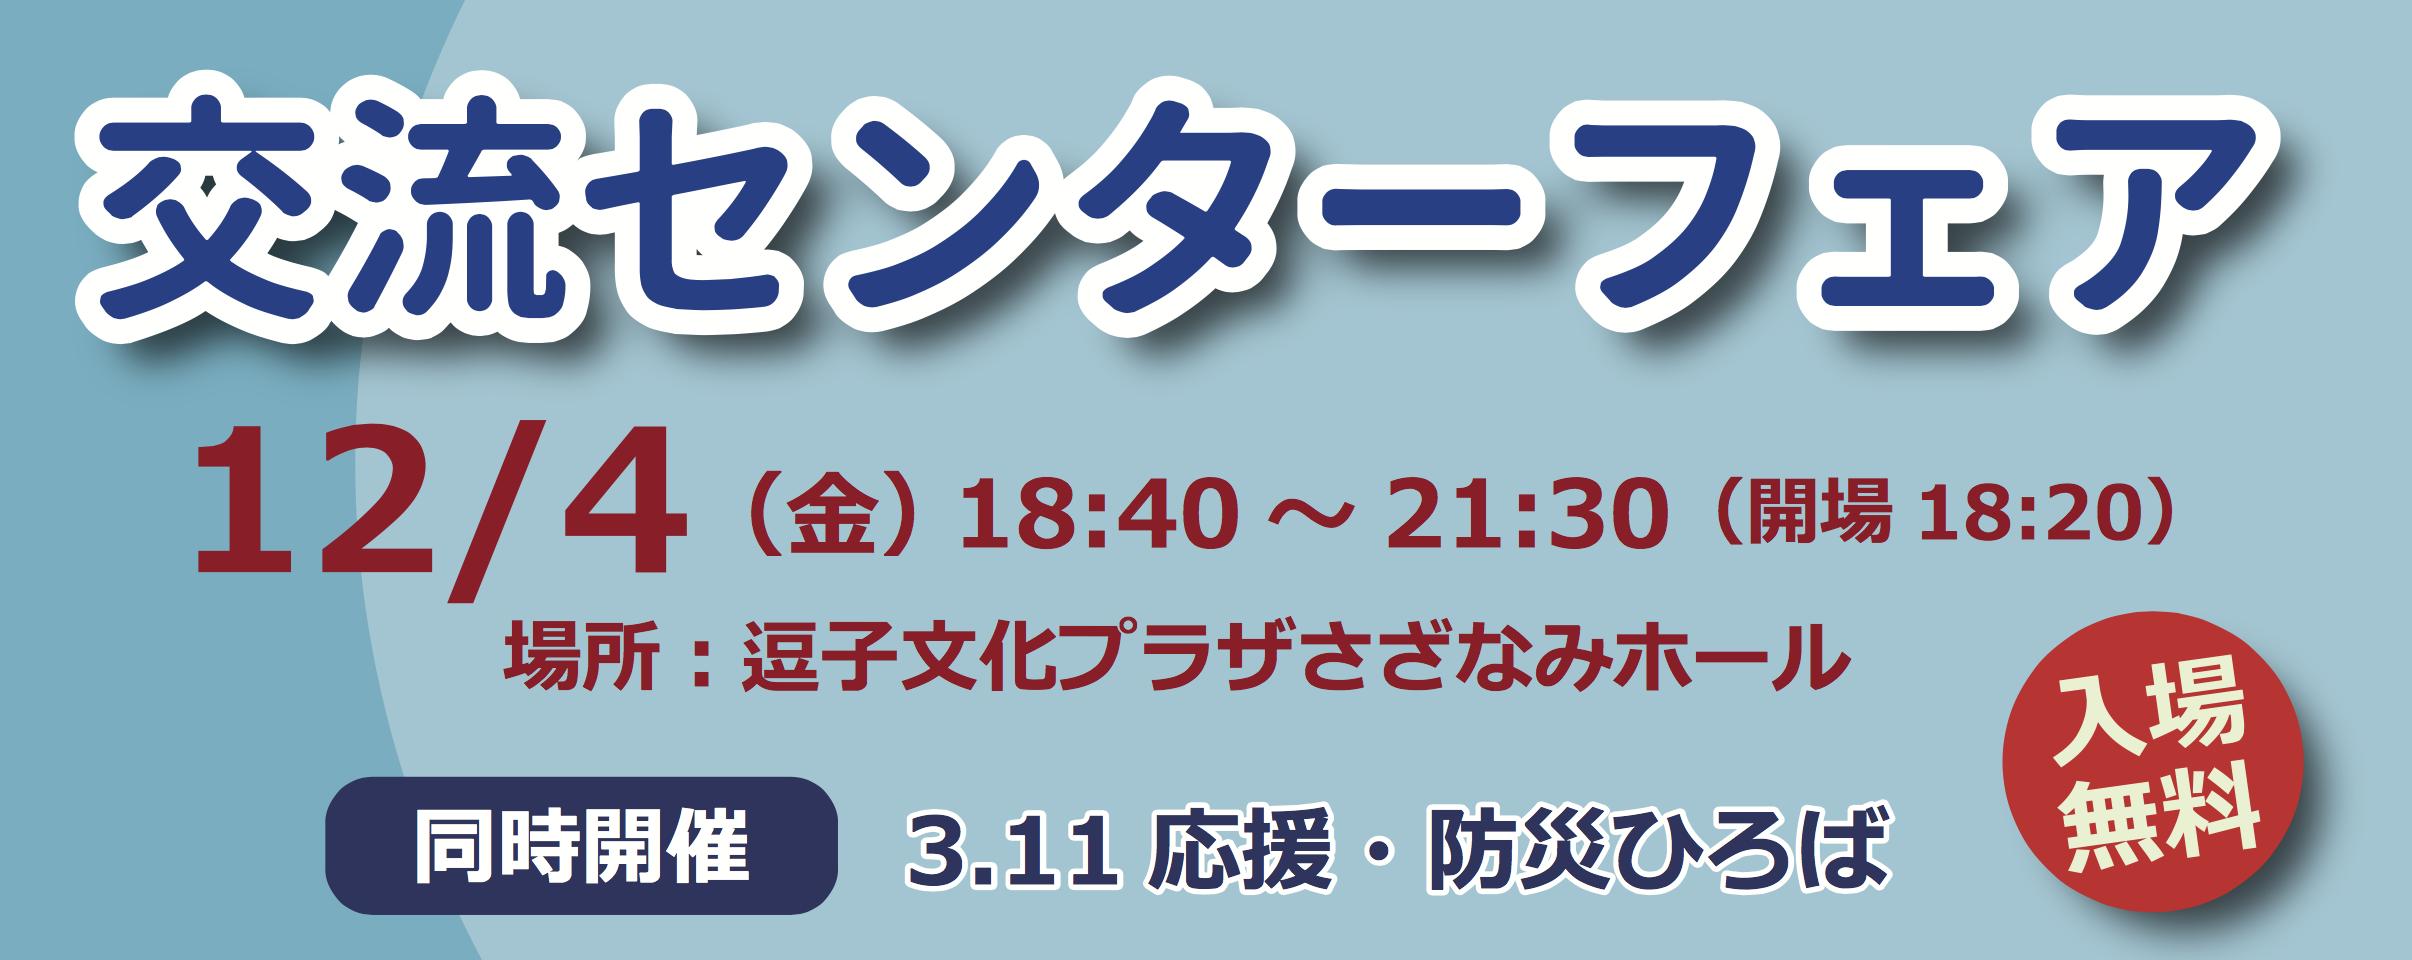 12/4夜は「交流センターフェア」にボランティアや市民活動に興味のある人集まれ!